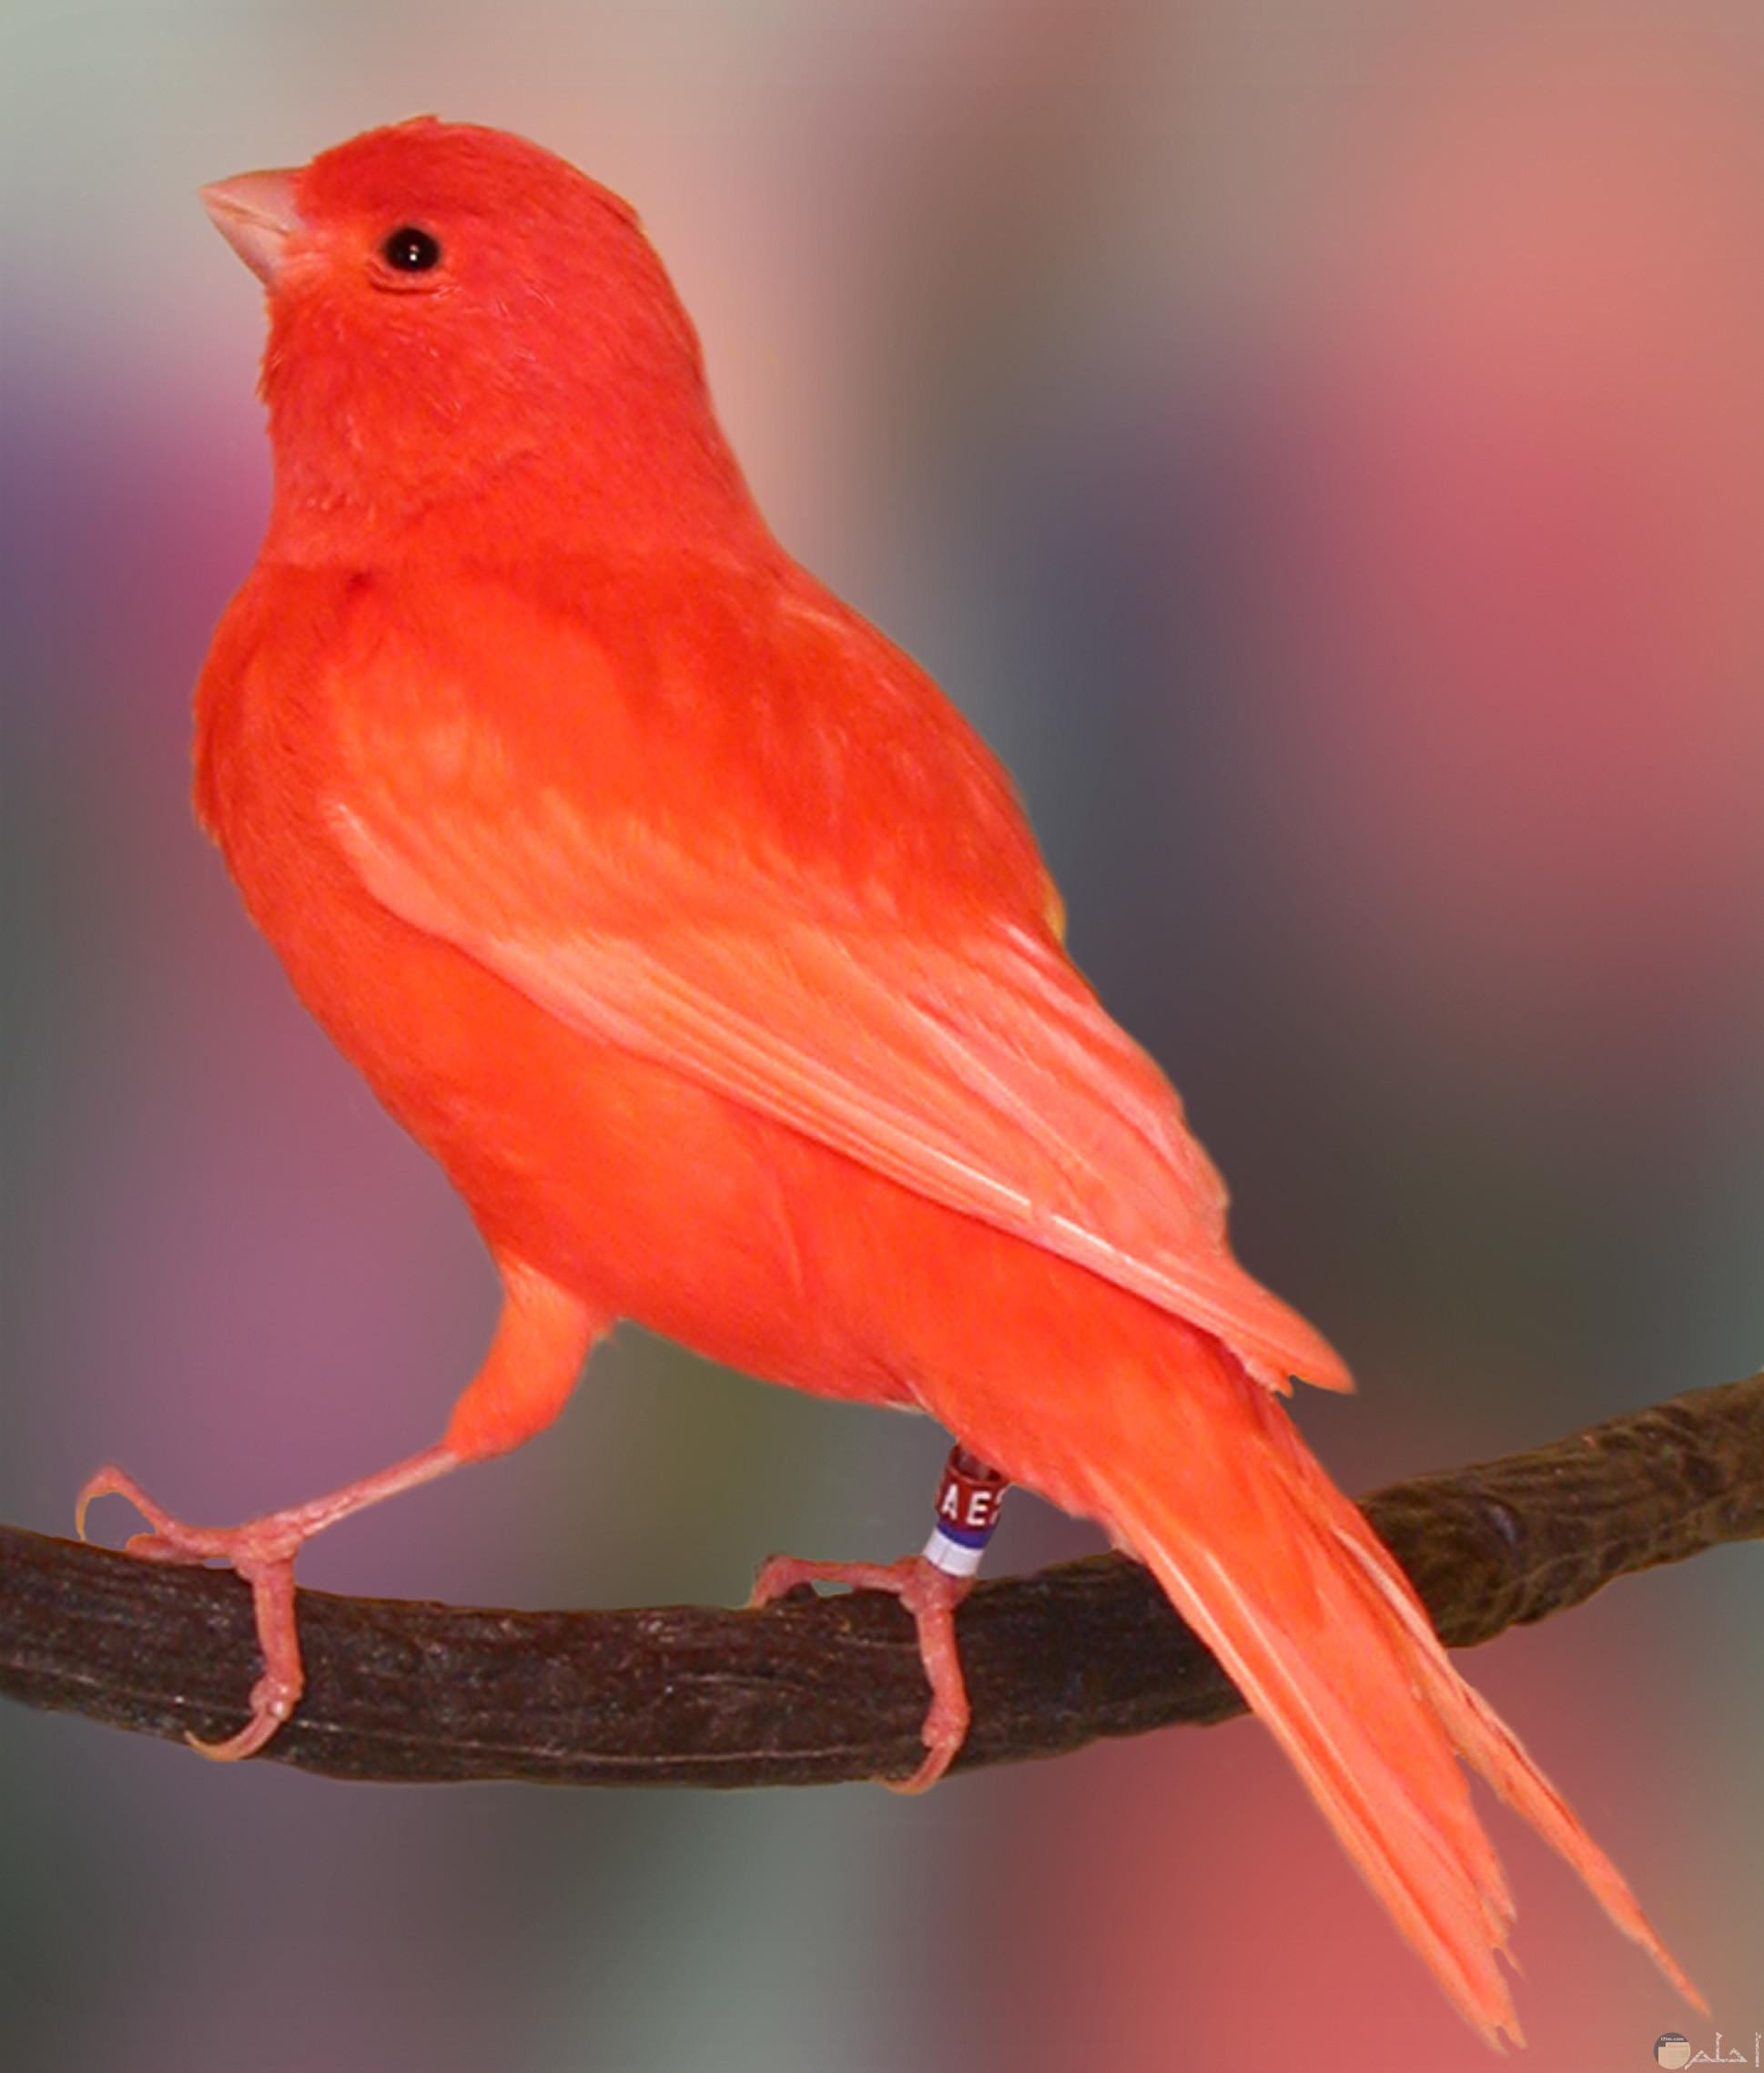 الجمال كناريا- لون زاهي يميل للأحمر.